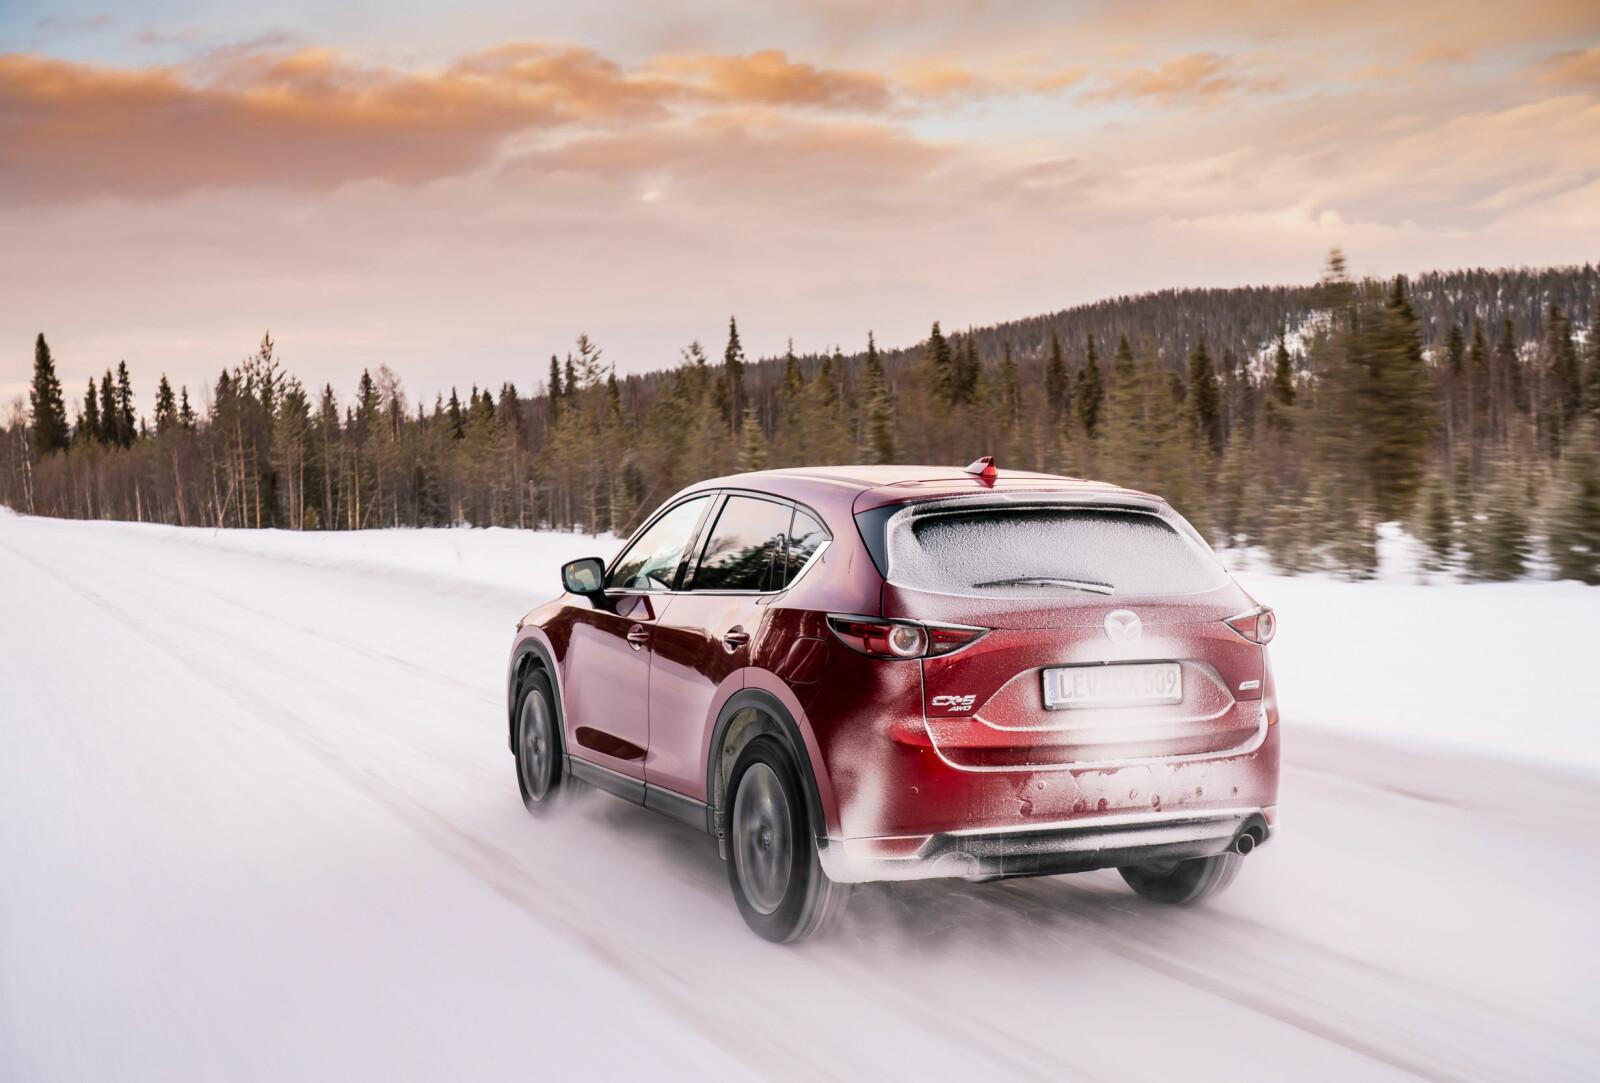 <b>UTEN REKKEVIDDEANGST:</b> Nye Mazda CX-5 fås kun i fossilutgaver, noe som gjør at man kan kjøre mil etter mil uten rekkeviddeangst.